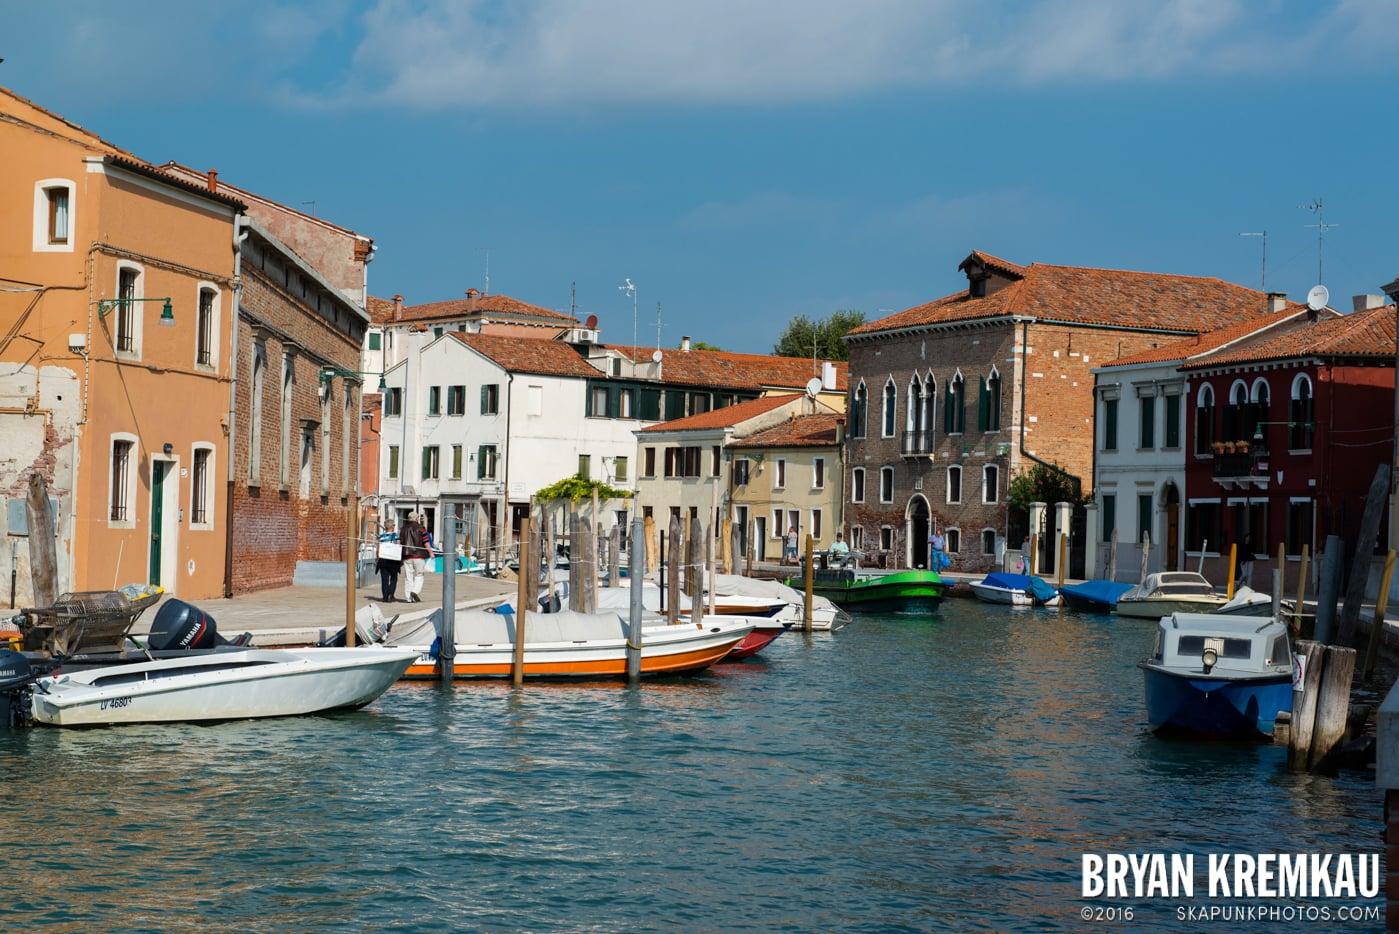 Italy Vacation - Day 6: Murano, Burano, Venice - 9.14.13 (82)